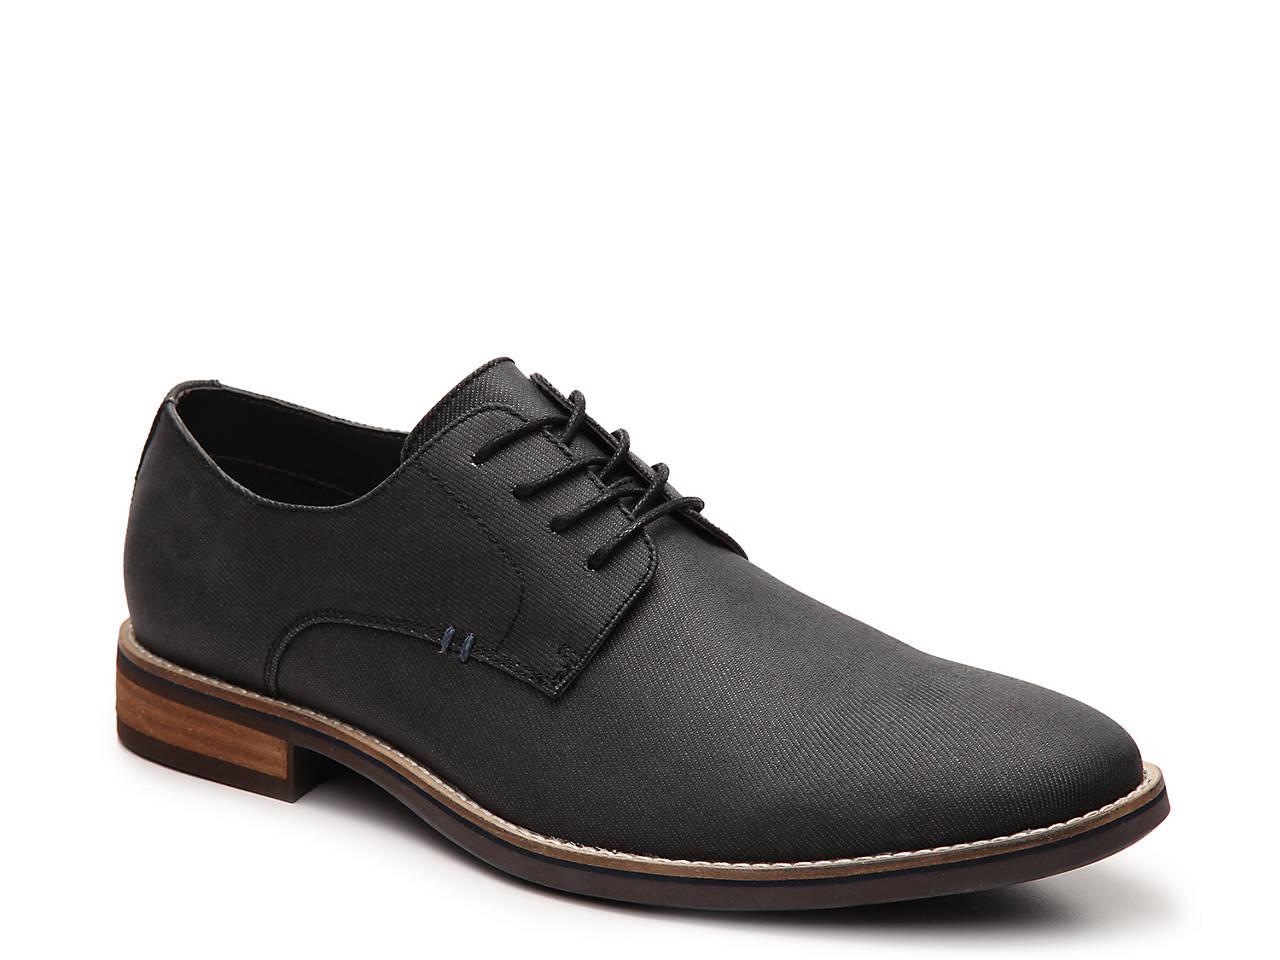 e37f37e67090 Call It Spring Meledisant Oxford Men s Shoes